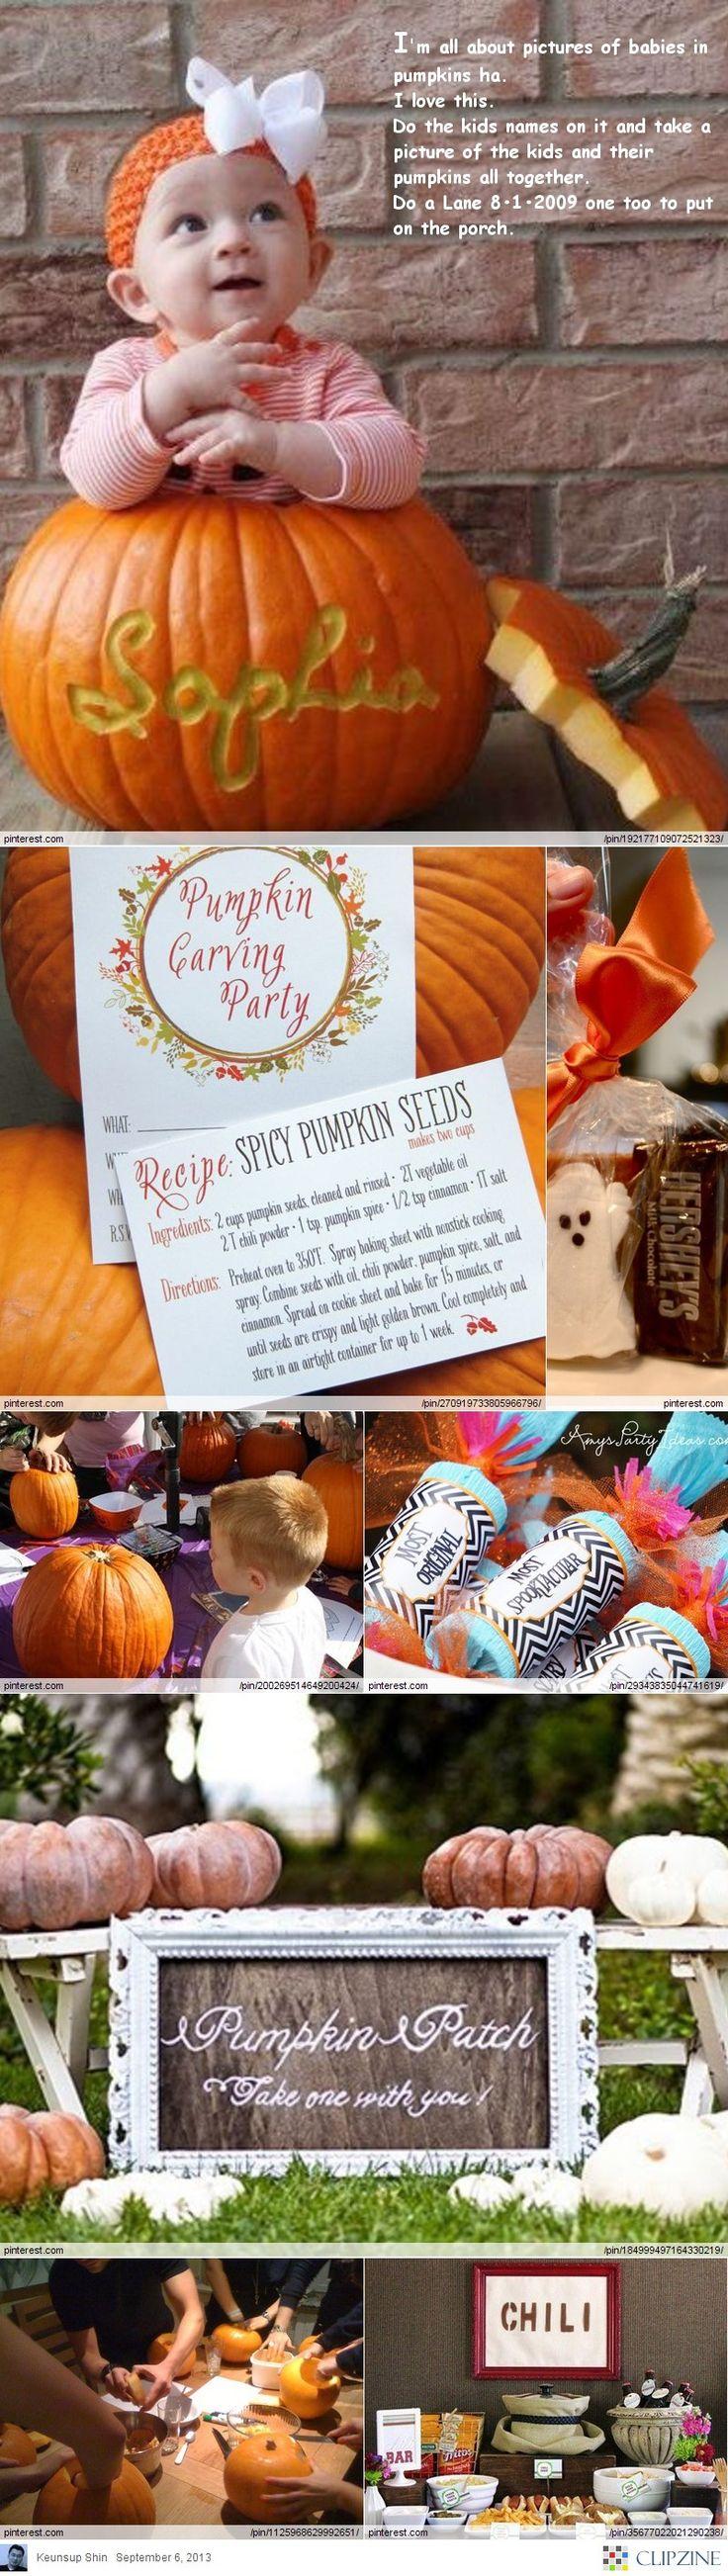 Best 10+ Creative pumpkins ideas on Pinterest | Cookie monster ...